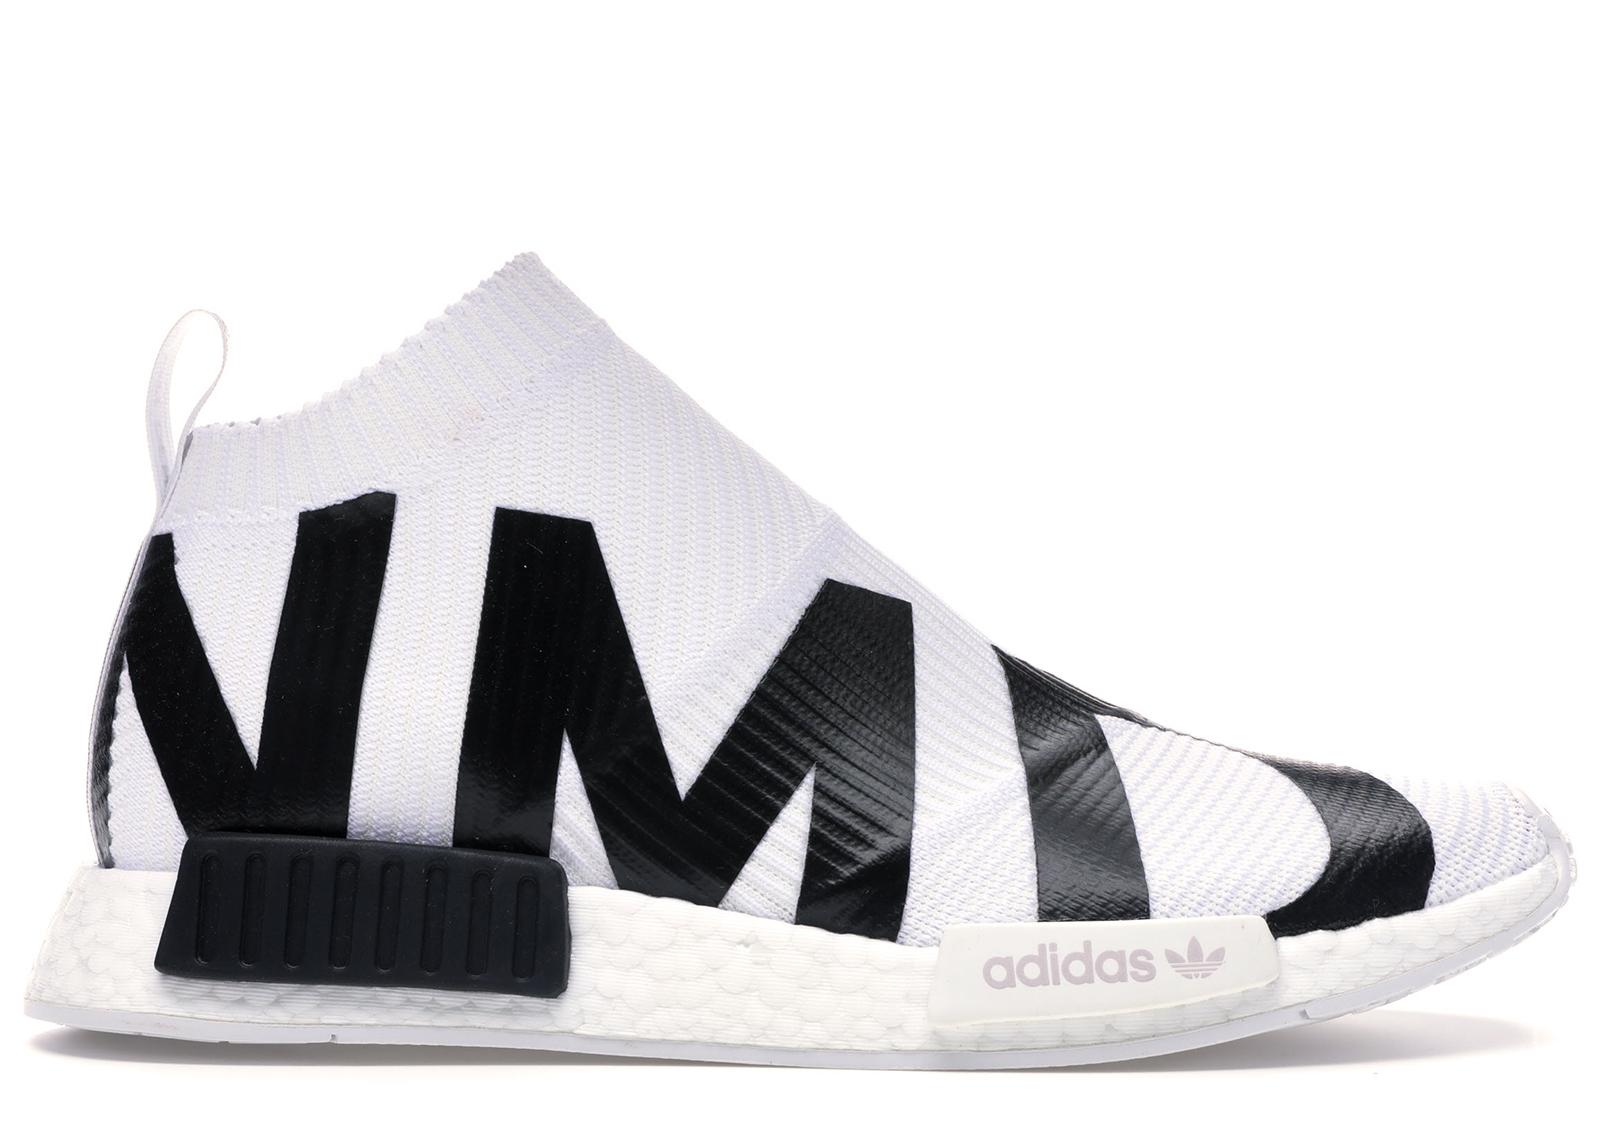 Sneakers Deadstock Nmd Buy Shoesamp; Adidas fbg7y6